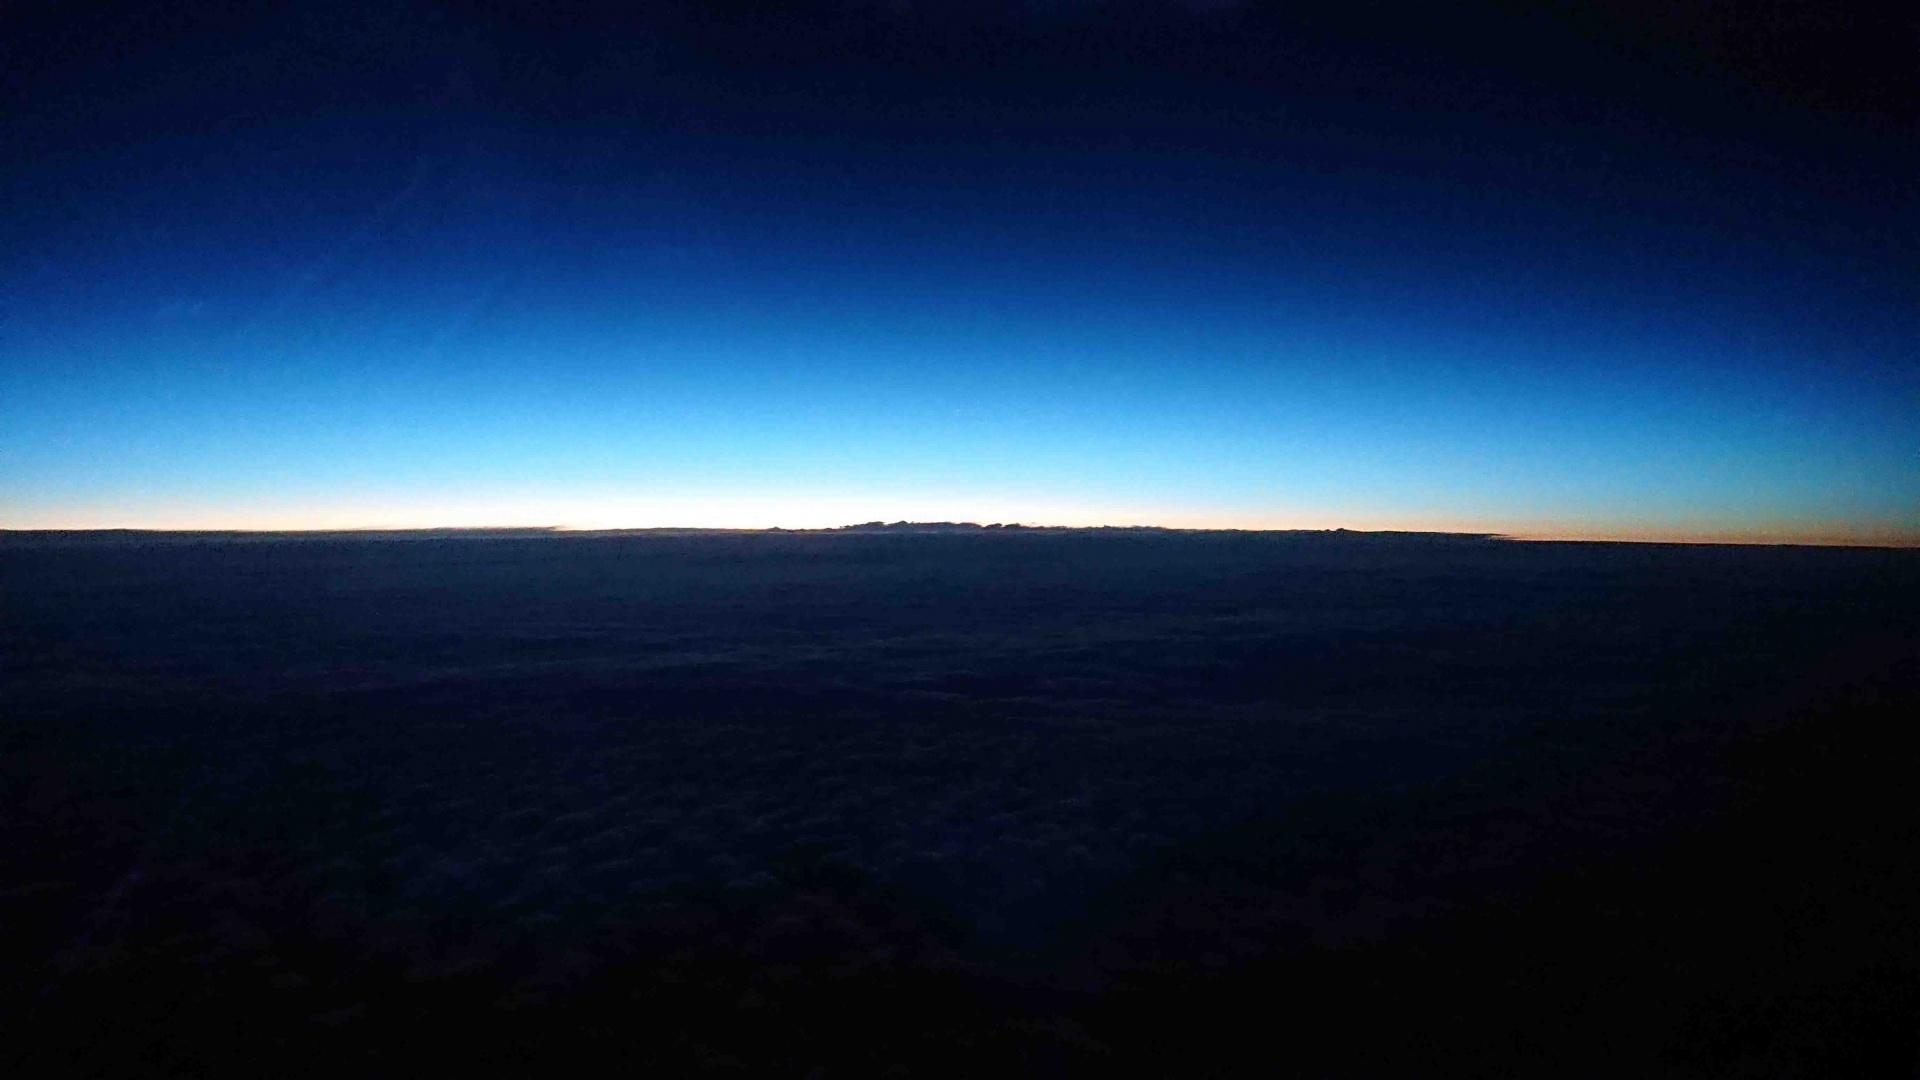 DSC_0736-ct-sky